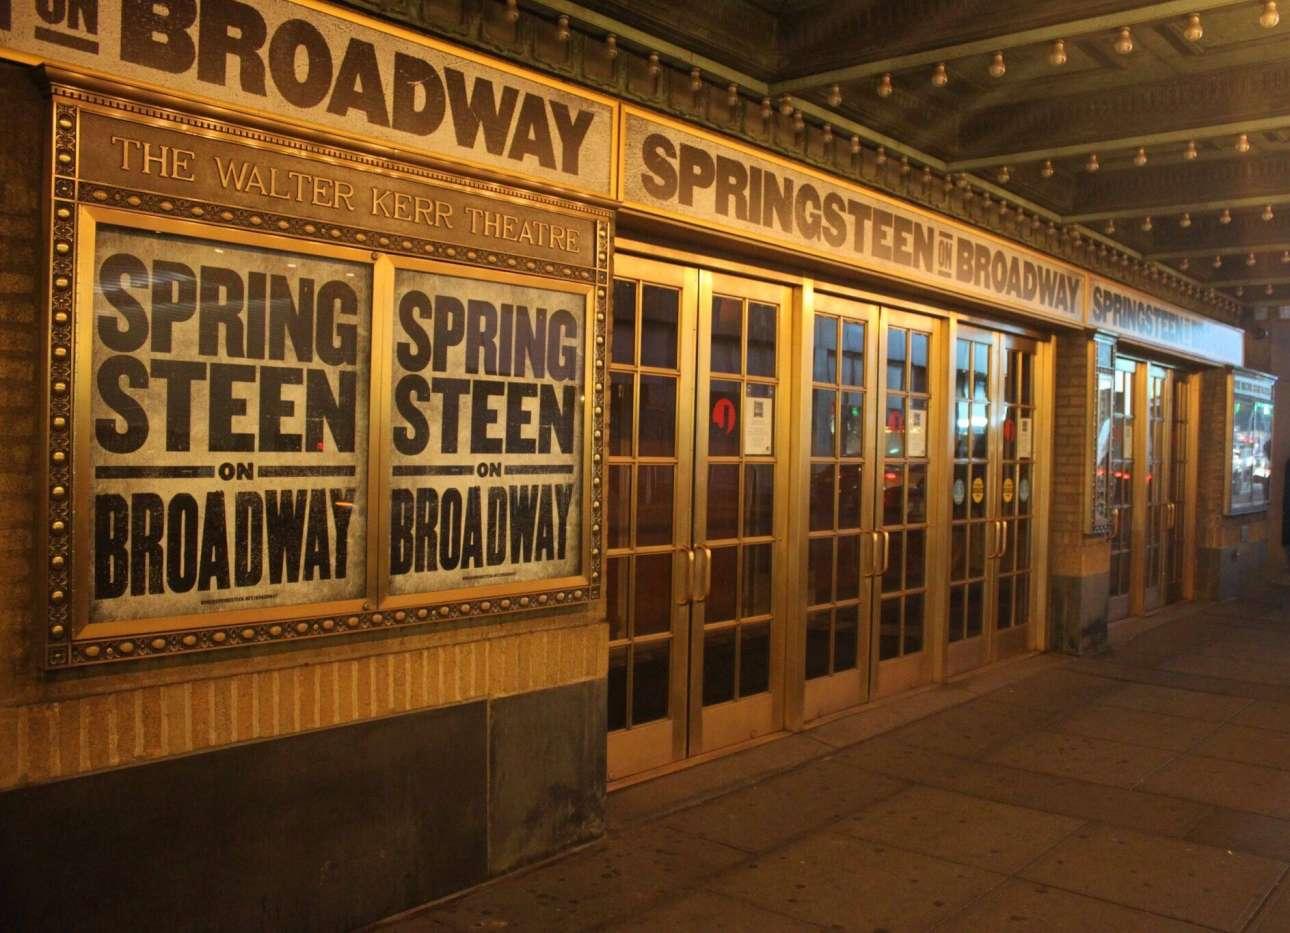 Η είσοδος του θεάτρου στο Μπρόντγουεϊ που θ φιλοξενήσει τον Μπρους Σπρίνγκστιν